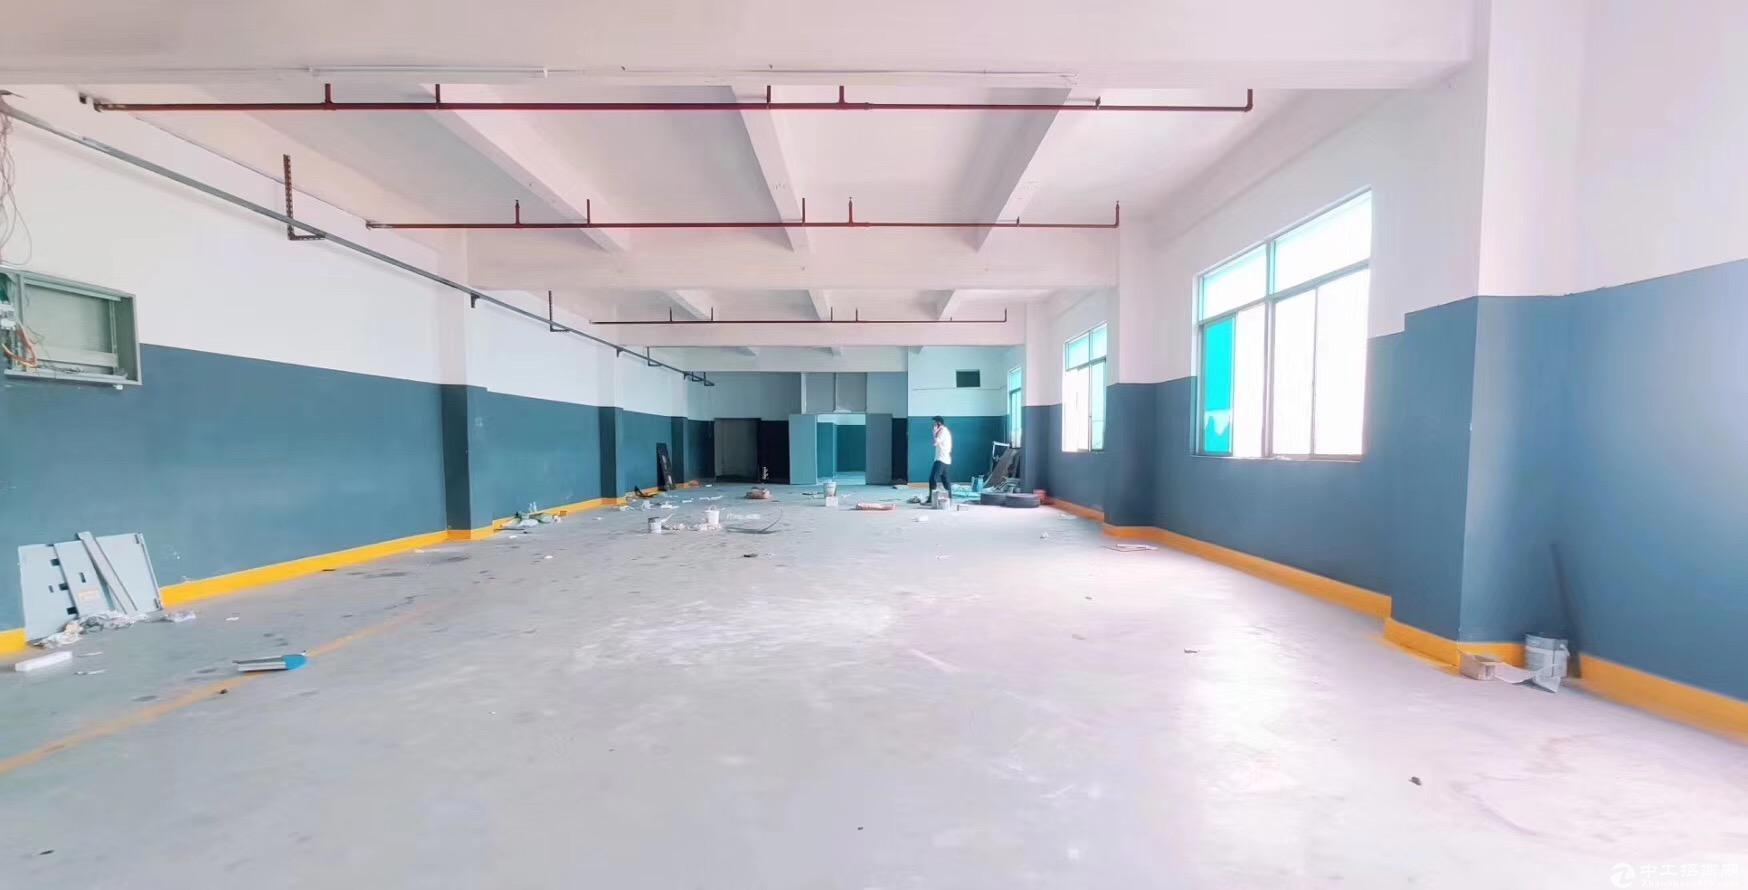 现成豪华办公室+仓库+车间,坪山大工业区楼上500平厂房招租